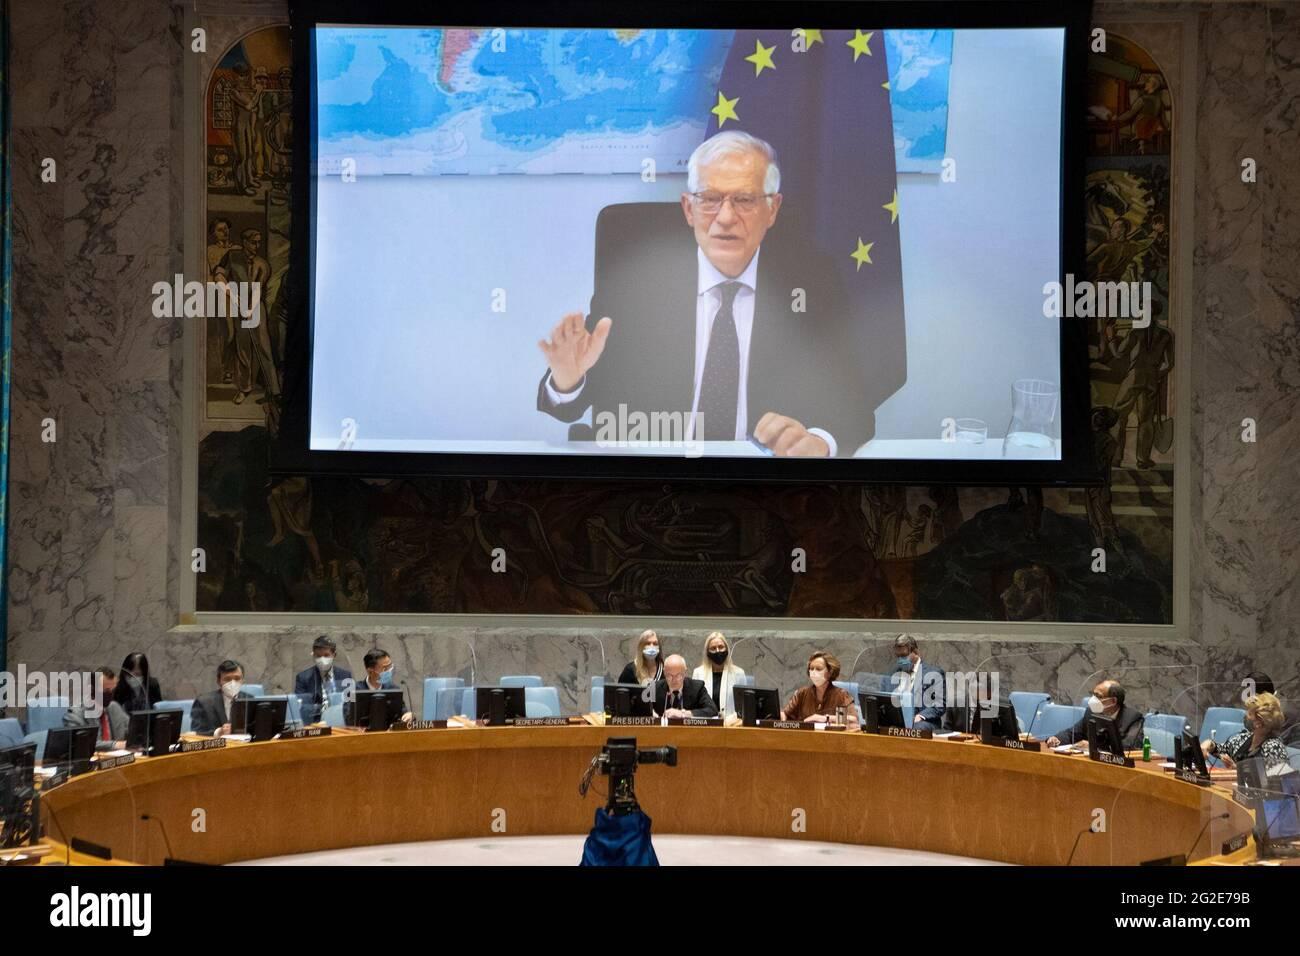 (210610) -- NACIONES UNIDAS, 10 de junio de 2021 (Xinhua) -- Josep Borrell, jefe de política exterior de la Unión Europea (en pantalla), se dirige a una reunión del Consejo de Seguridad sobre la cooperación ONU-UE a través de un enlace de vídeo en la sede de la ONU en Nueva York, el 10 de junio de 2021. Josep Borrell pidió el jueves que se hagan esfuerzos para dar vida al multilateralismo. (Eskinder Debebe/Foto ONU/Folleto via Xinhua) Foto de stock